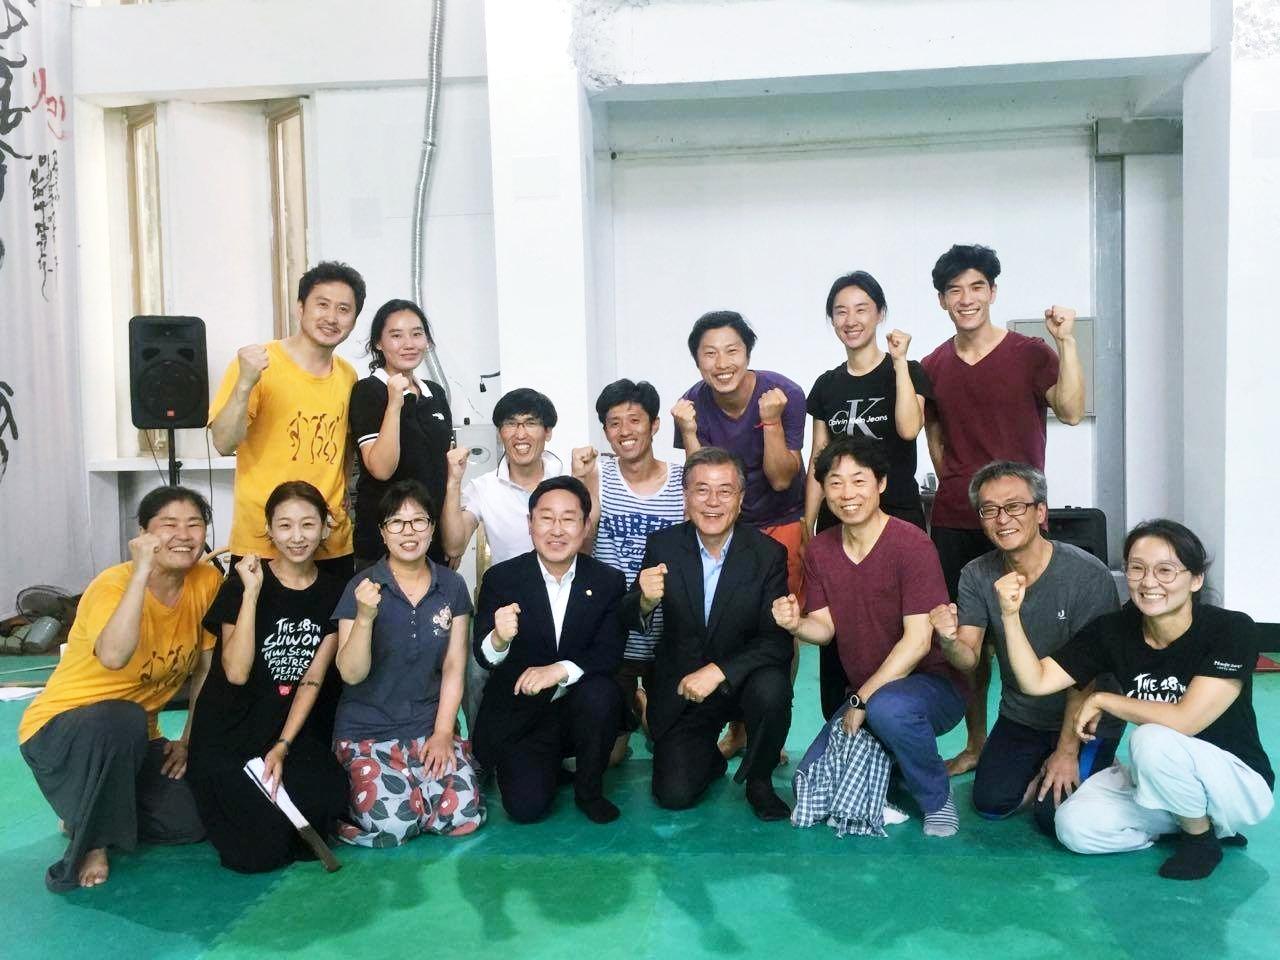 문재인 대통령과 함께 2016년 8월 문재인 대통령이 더불어민주당 대표직을 내려놓았던 시절, 박범계 국회의원과 함께 우금치 극단을 방문하였을 때 단원들과 함께 기념으로 찍은 사진이다.